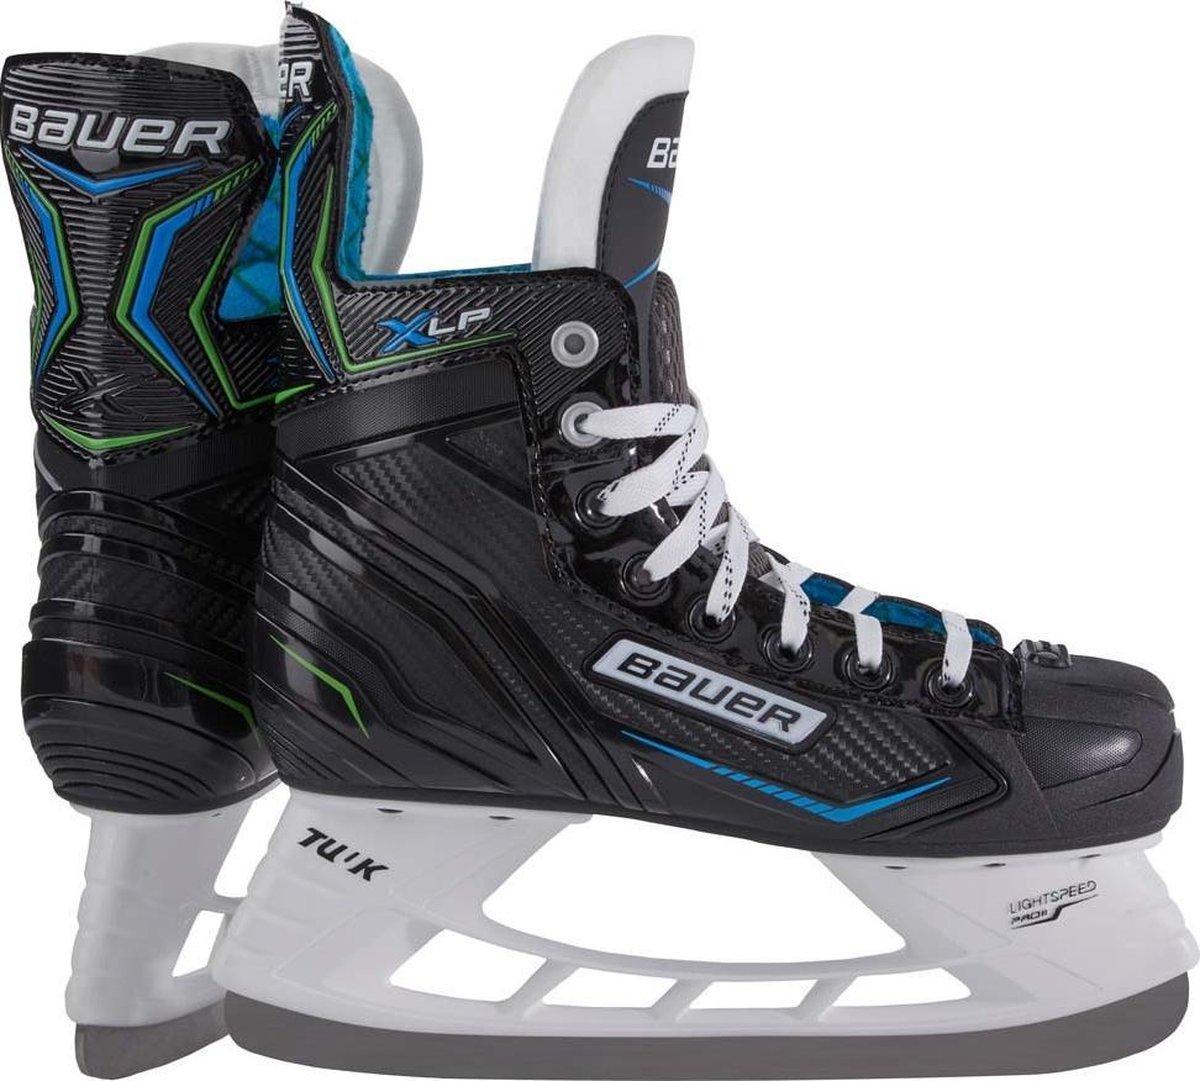 Bauer Ijshockeyschaatsen X-lp Junior Microfiber Zwart/blauw Mt 36